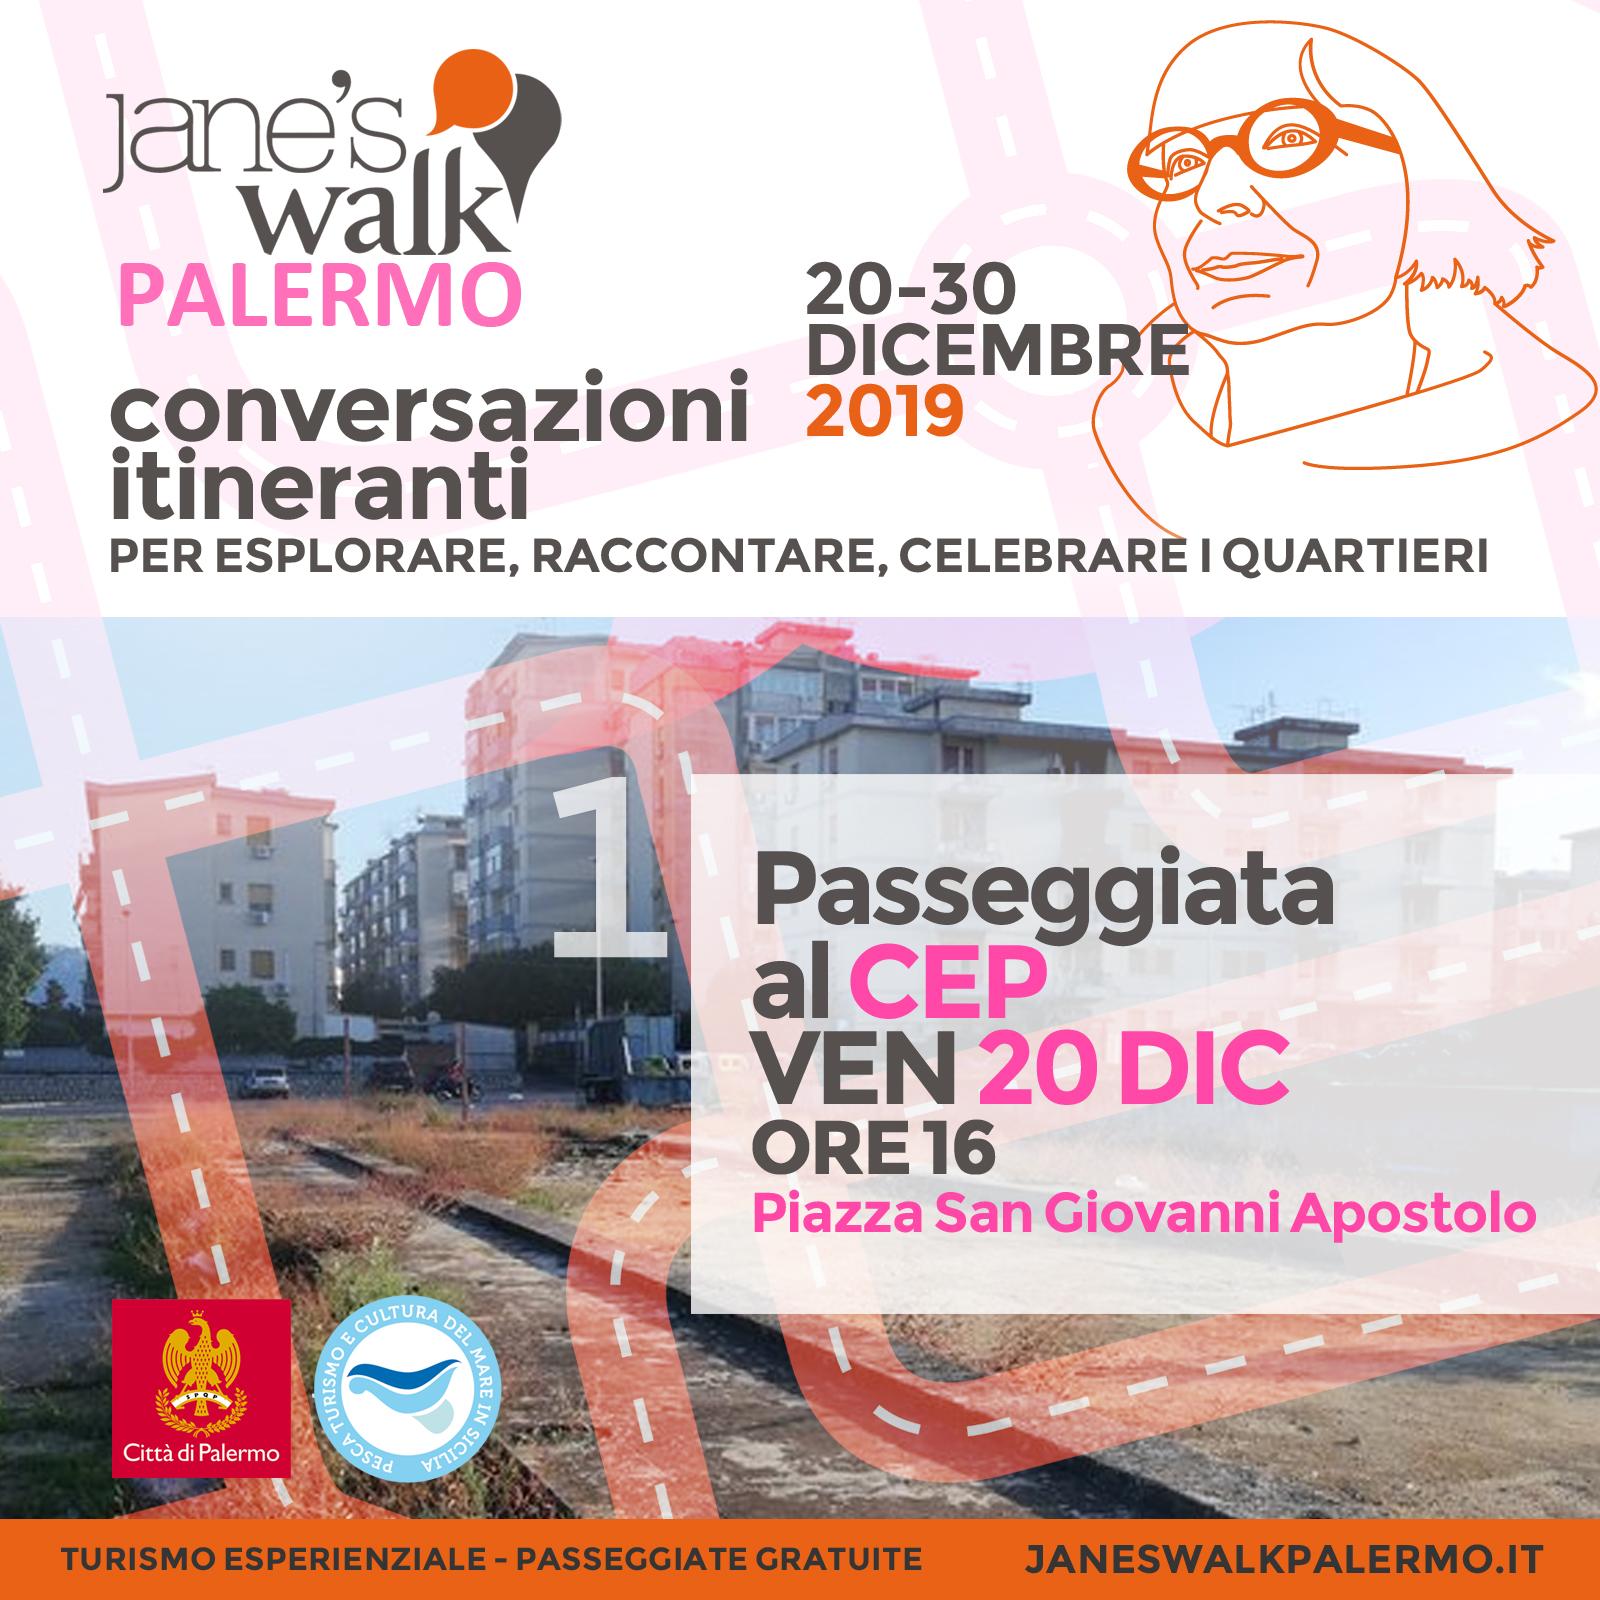 Jane's Walk Palermo - Passeggiata al CEP